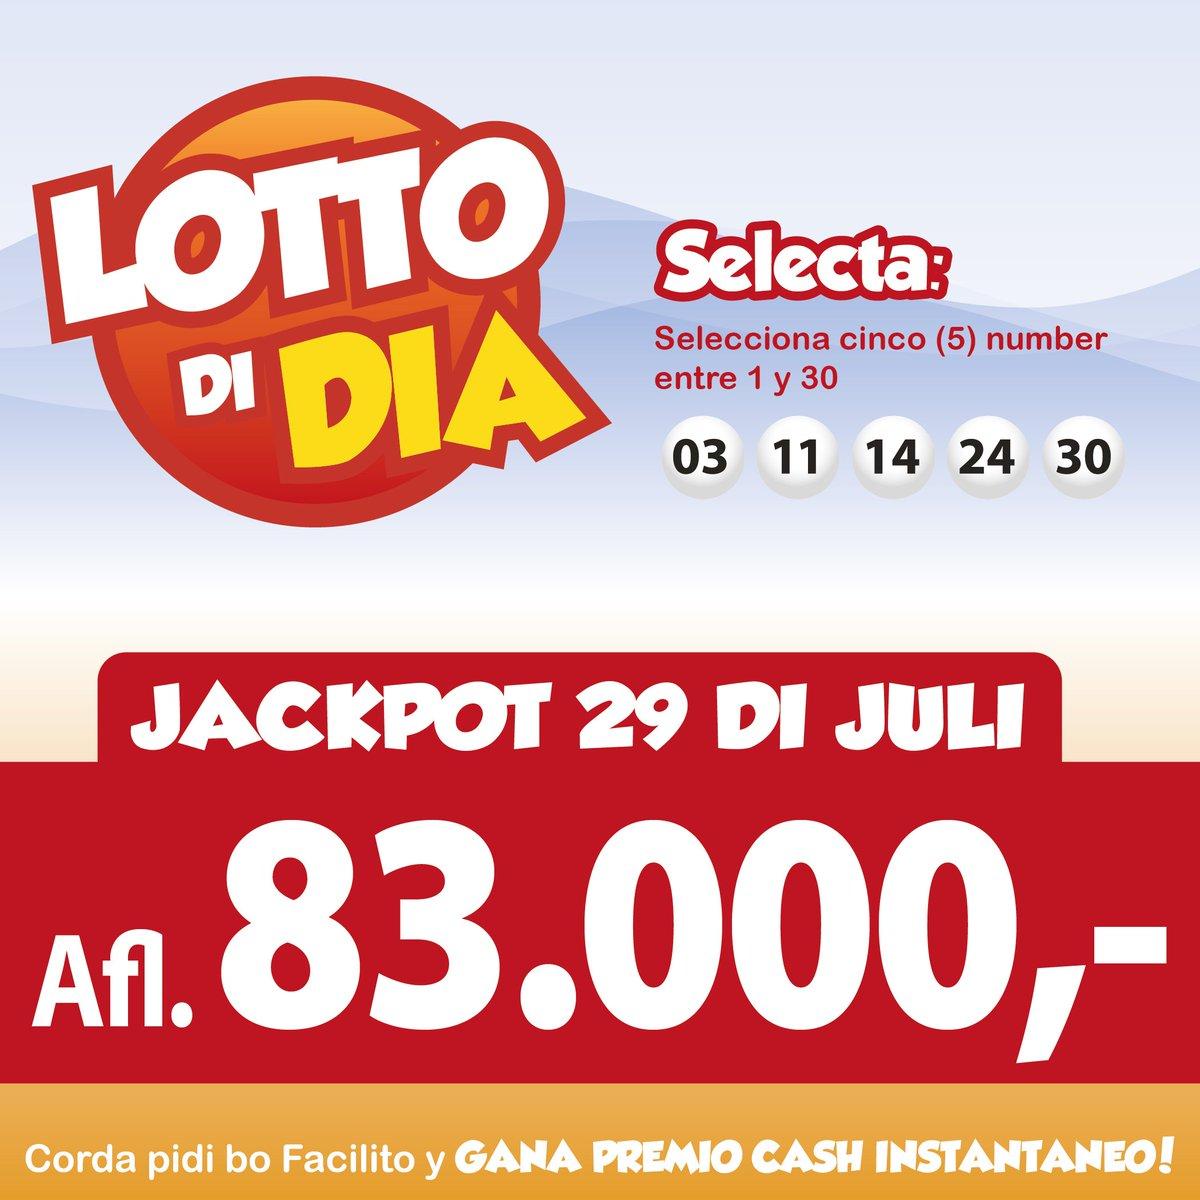 Lotto (@Lottoaruba) | Twitter